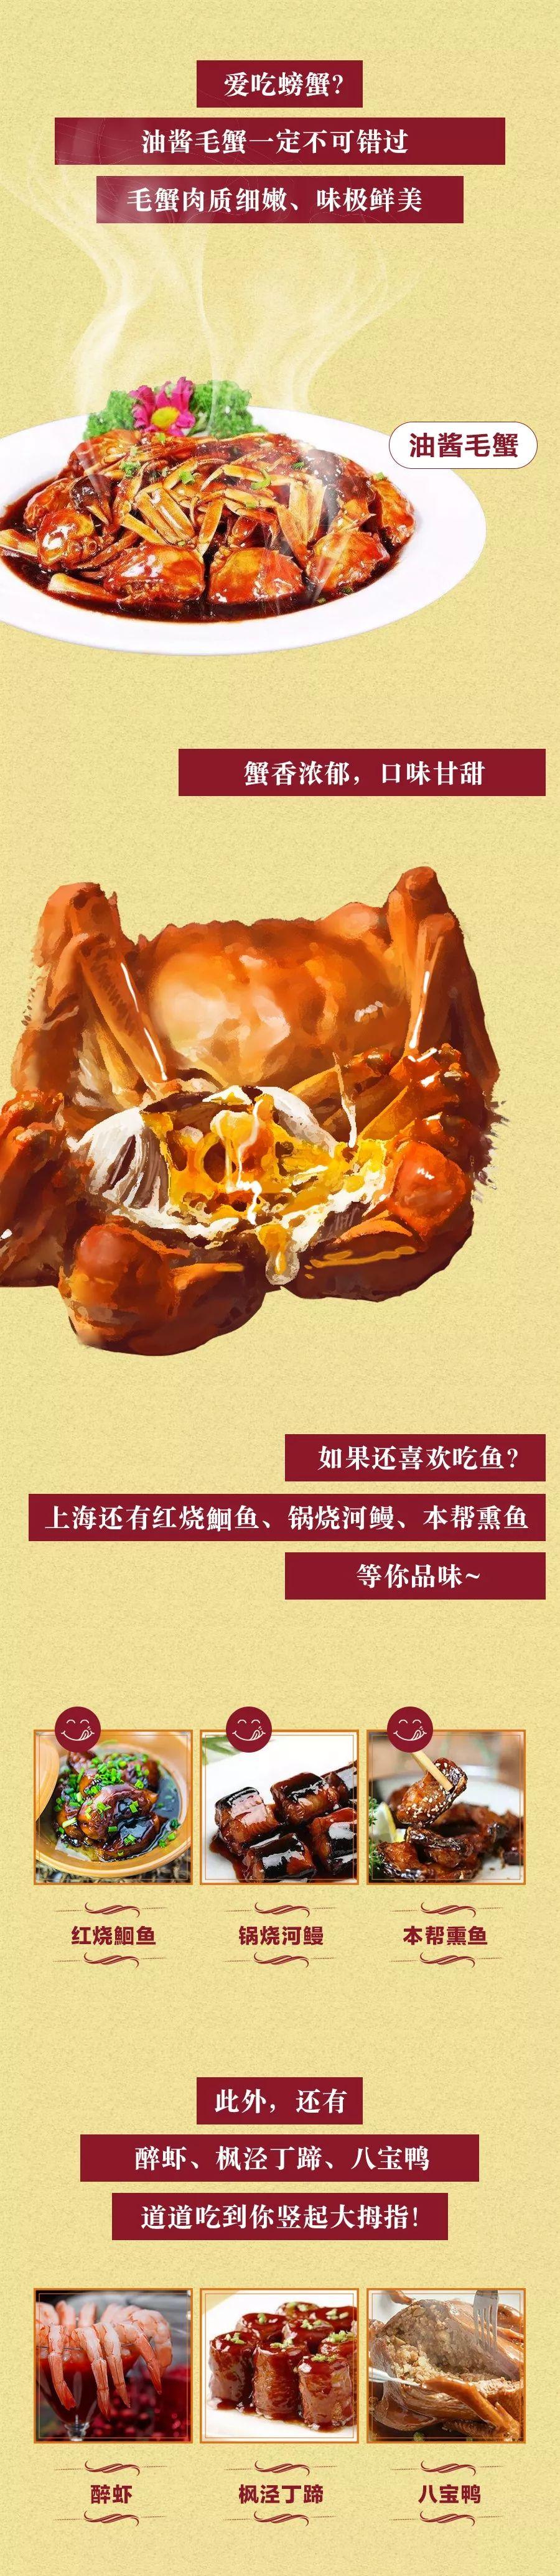 吉祥坊wellbet怎样_兴宁区着力推动公益诉讼 巩固食品药品安全